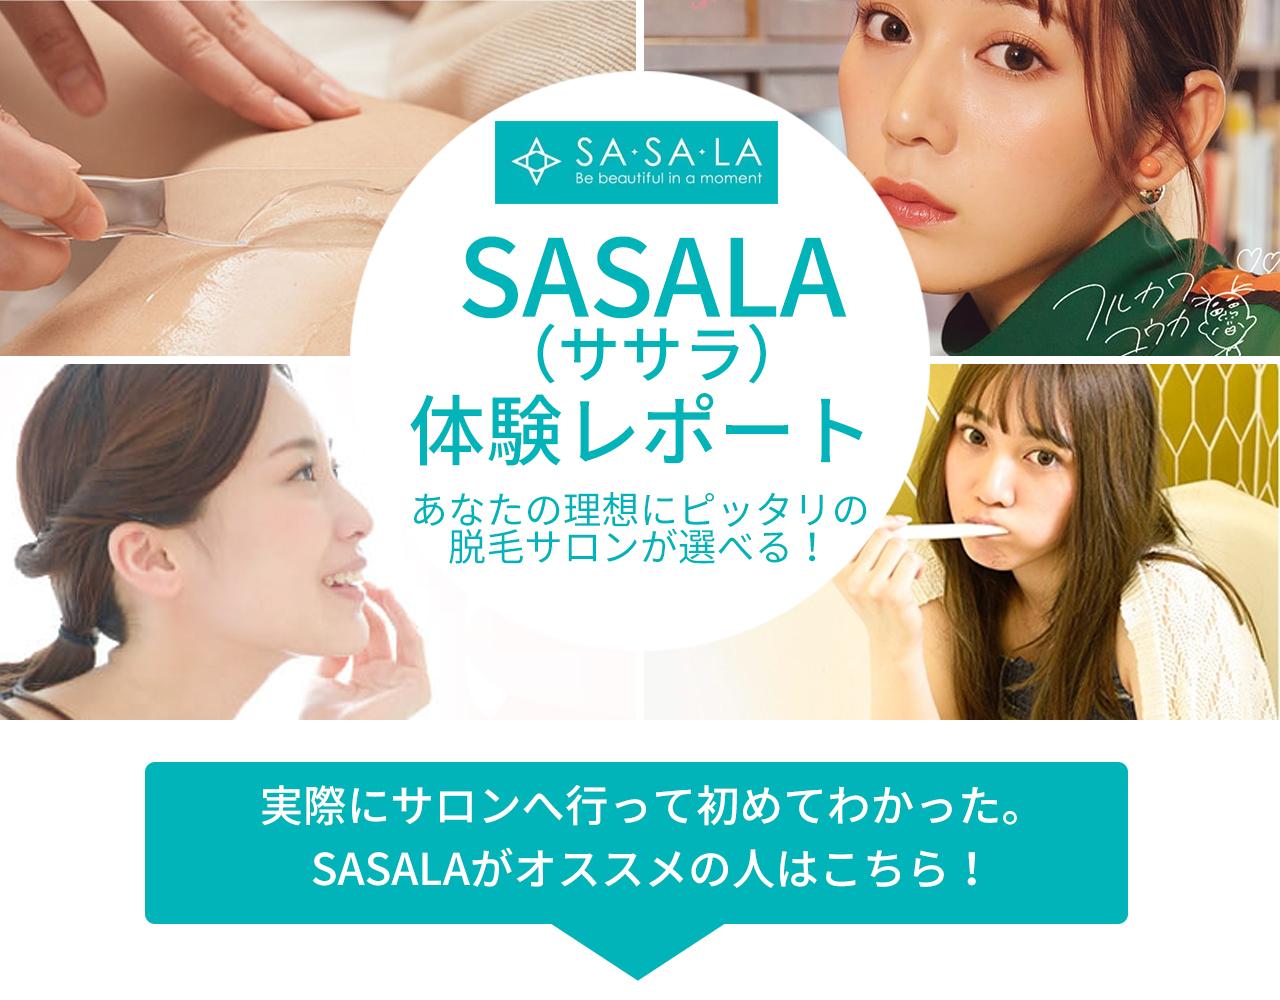 『SASALA』体験レポート